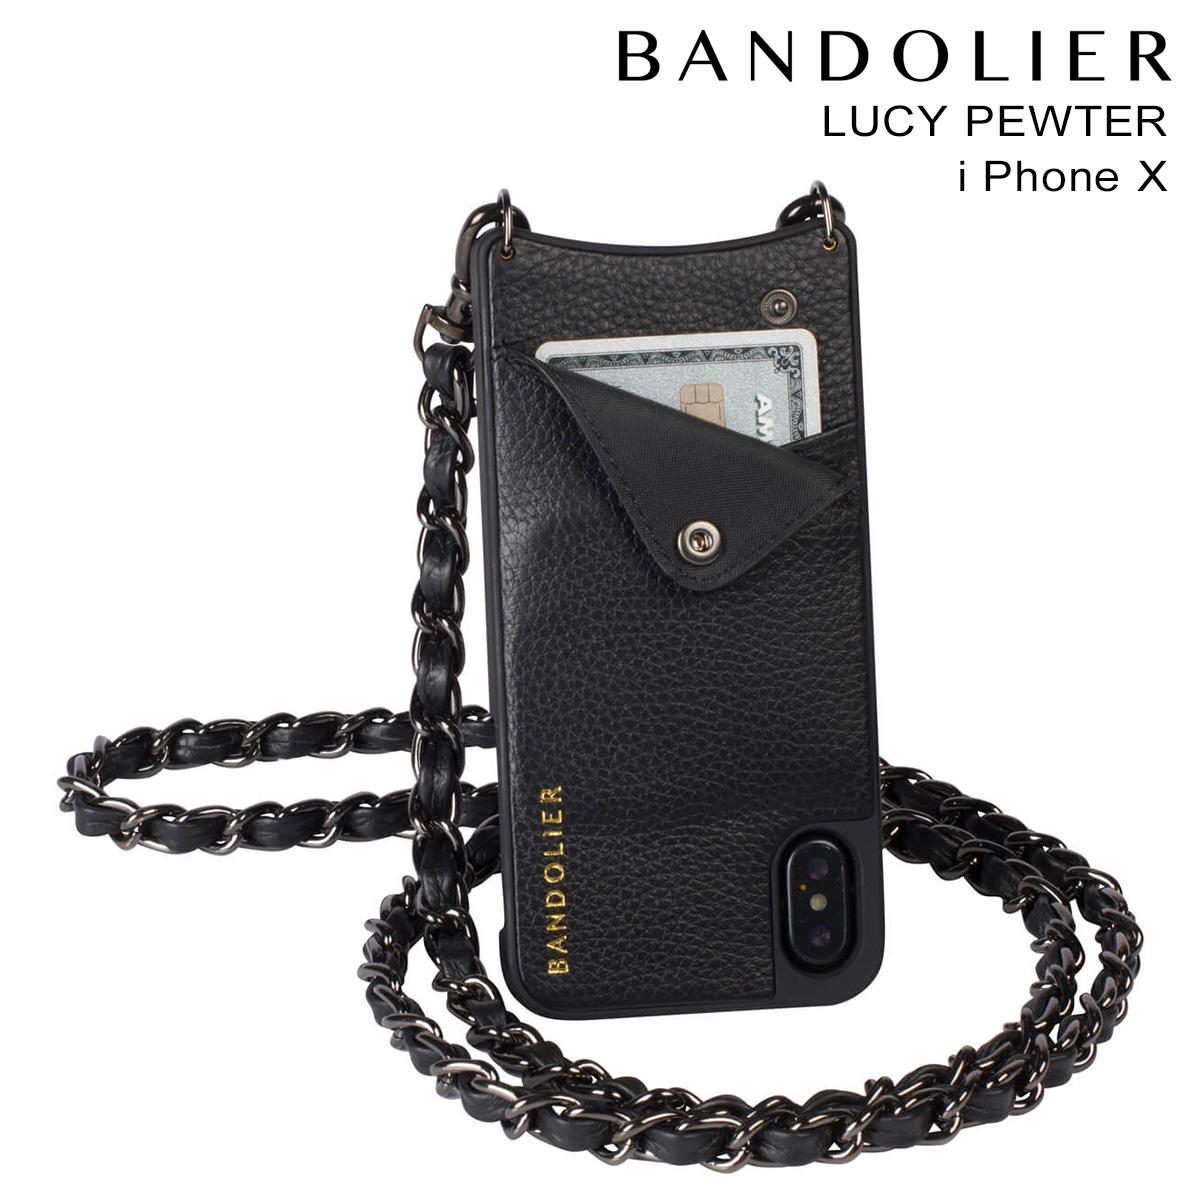 バンドリヤー BANDOLIER iPhone X ケース スマホ 携帯 アイフォン LUCY PEWTER レザー メンズ レディース